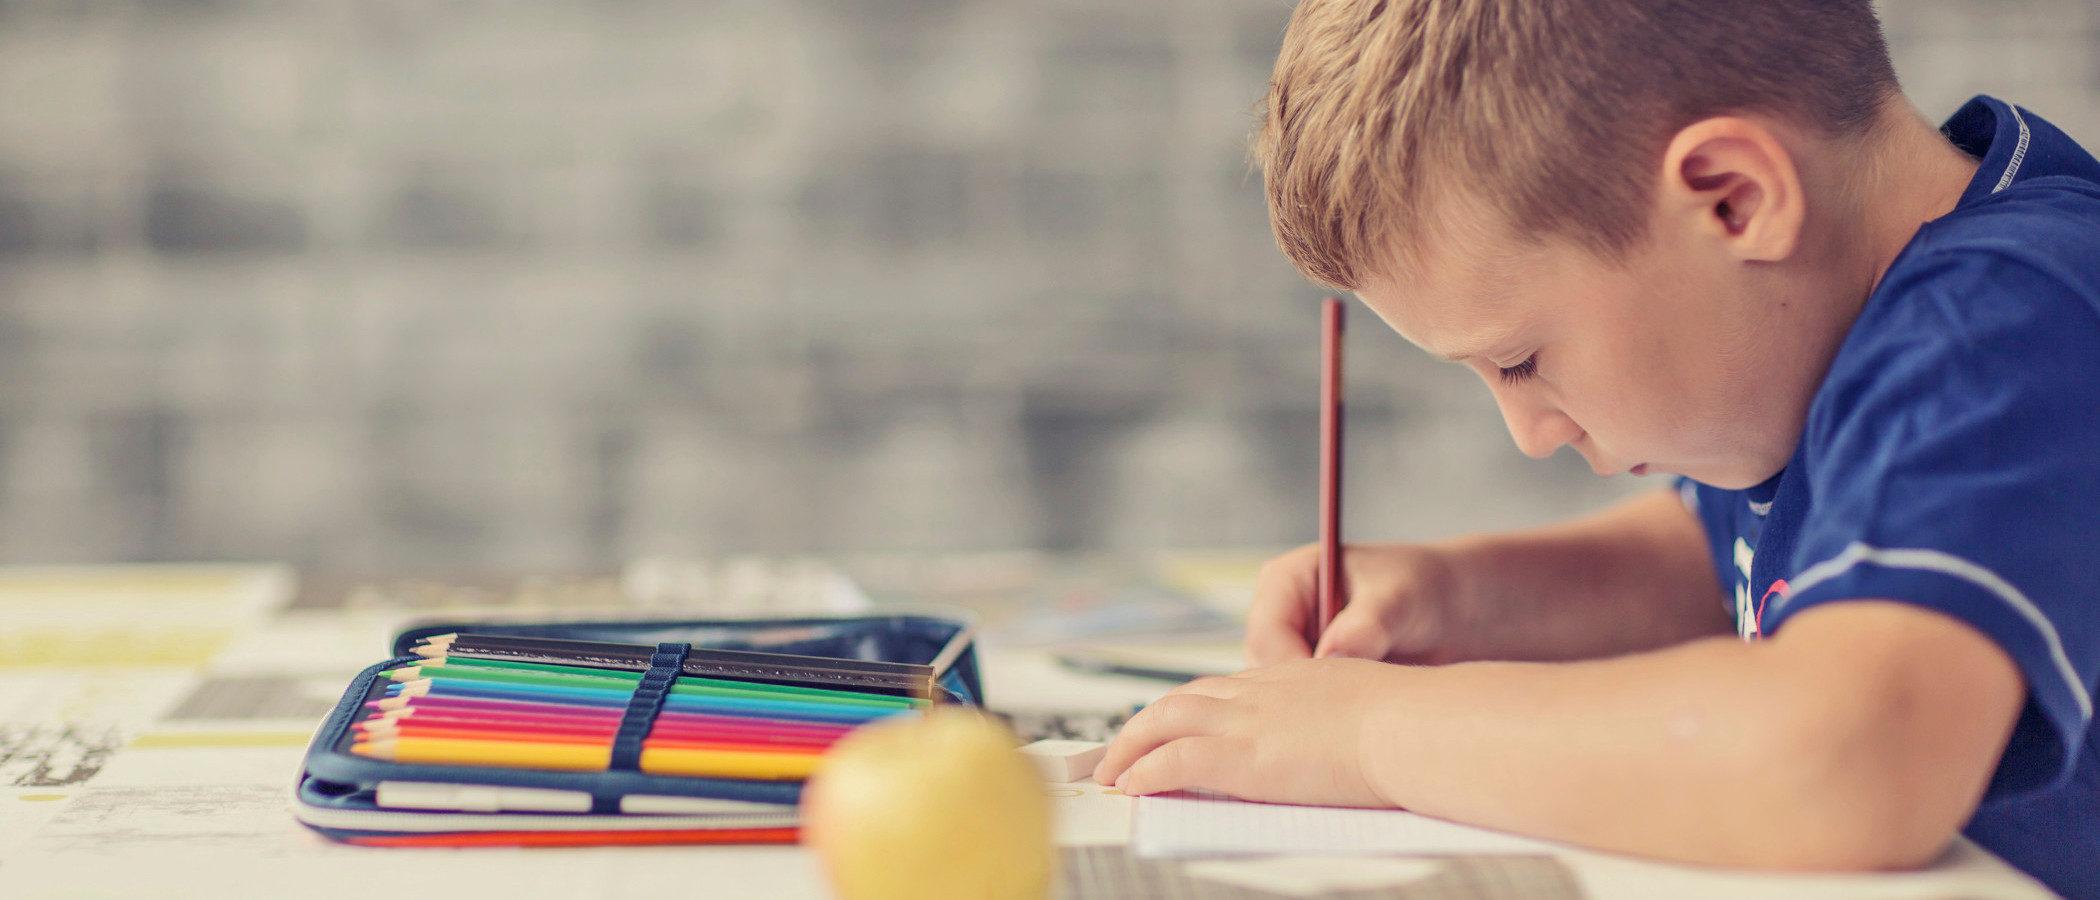 Cuadernos de actividades para repasar en verano, ¿los necesita mi hijo?